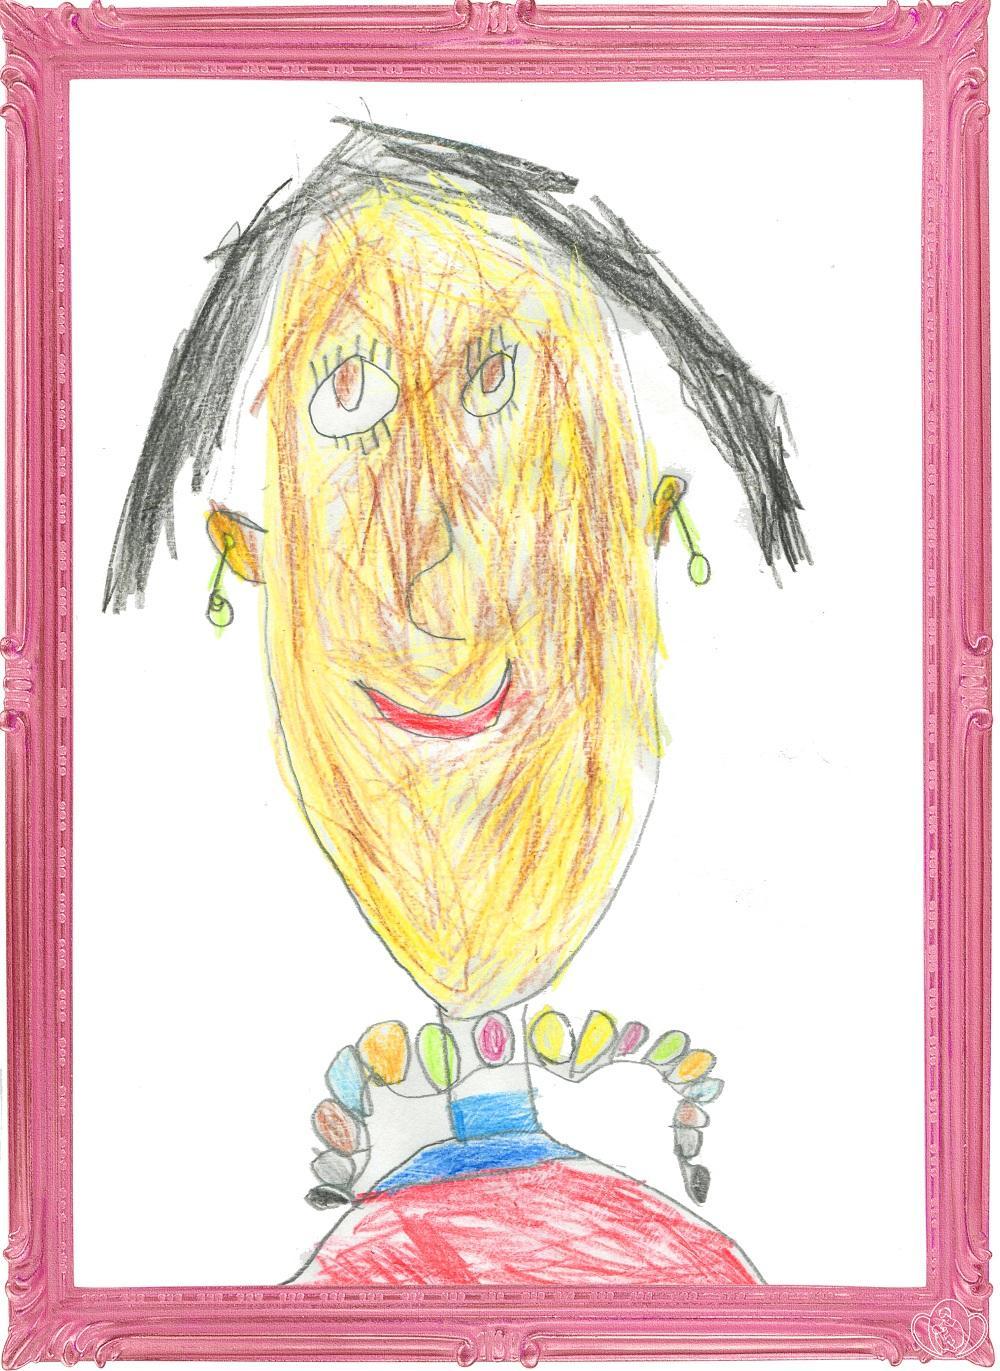 Детские рисунки смешно, открытка днем